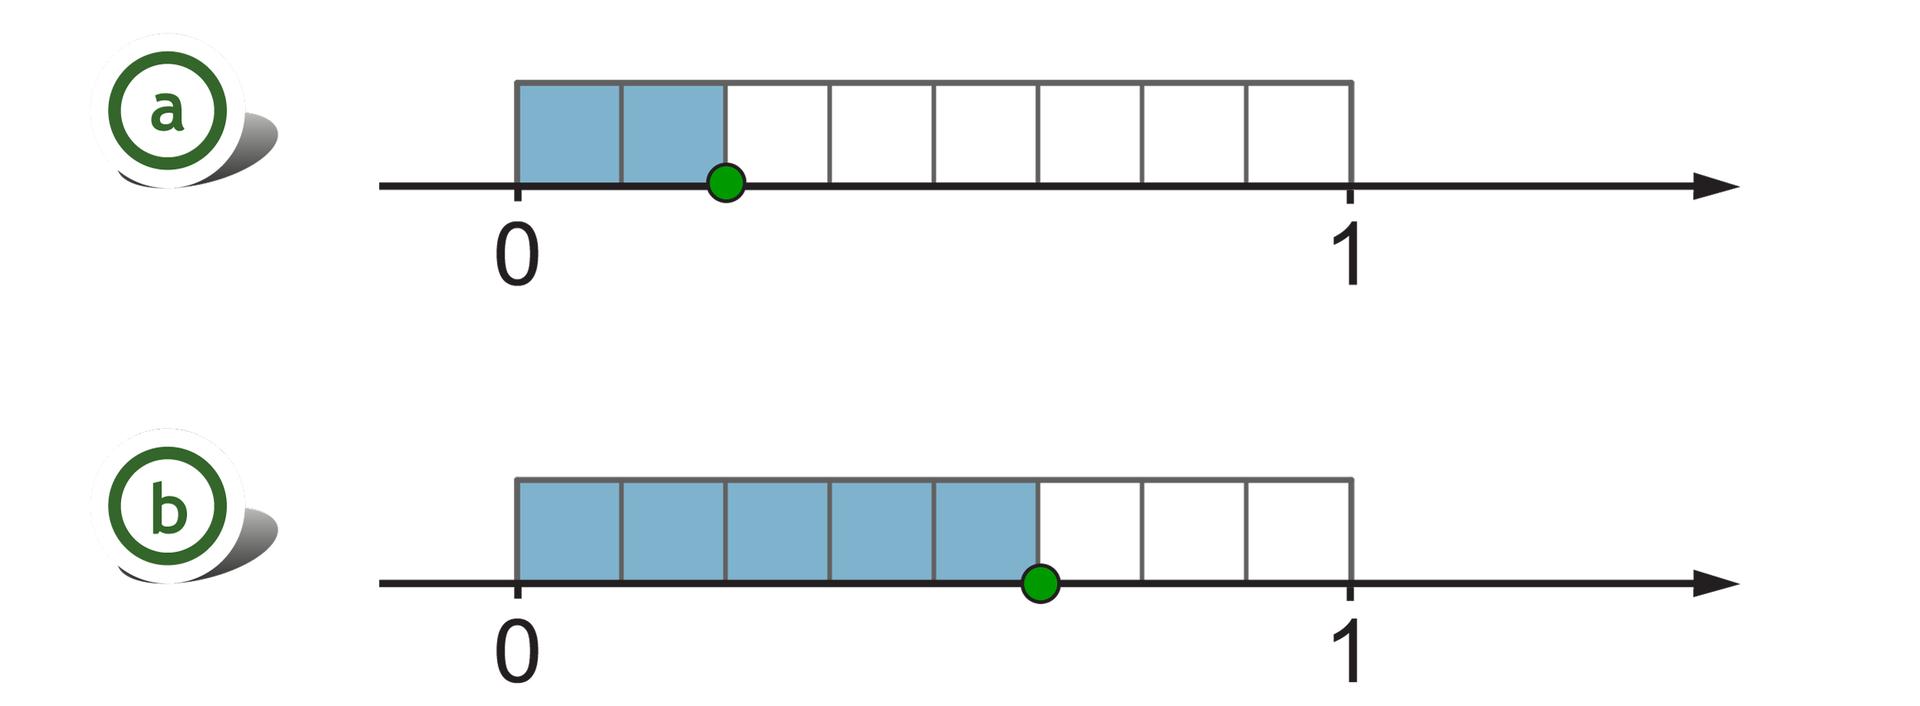 Rysunek dwóch osi liczbowych zzaznaczonymi punktami 0 i1. Nad każdą zosi, pomiędzy punktami 0 i1, zaznaczony prostokąt, podzielony na 8 równych części. Na pierwszej osi szukany punkt wyznacza dwie zamalowane części. Na drugiej osi szukany punkt wyznacza pięć zamalowanych części.